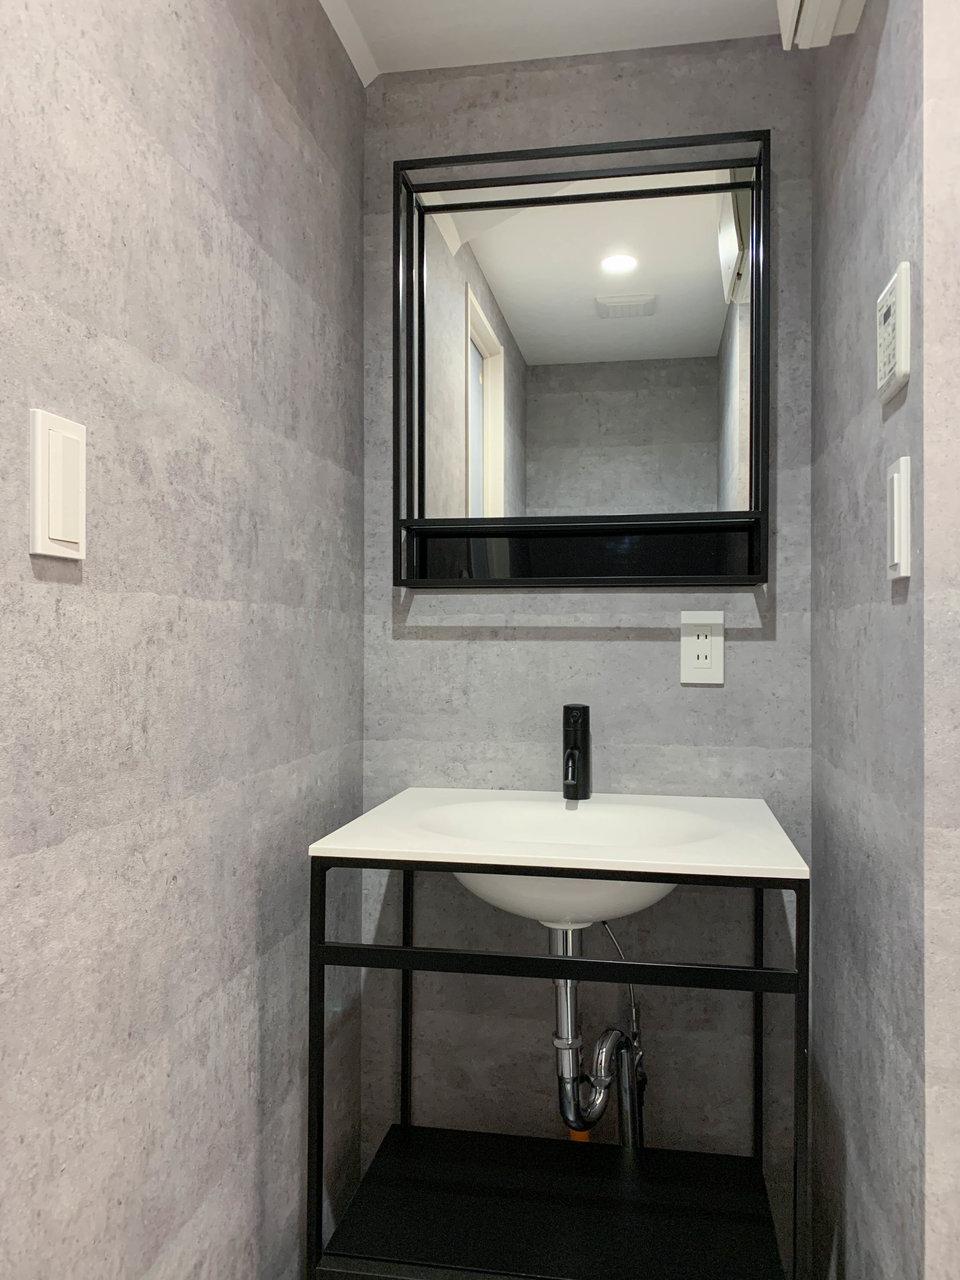 独立洗面台も、黒のアイアンを使ったり、クロスもシンプルなグレー。洗面台下に収納スペースがあるので、あまり表に物は置かず、シンプルに使えたらいいですね。